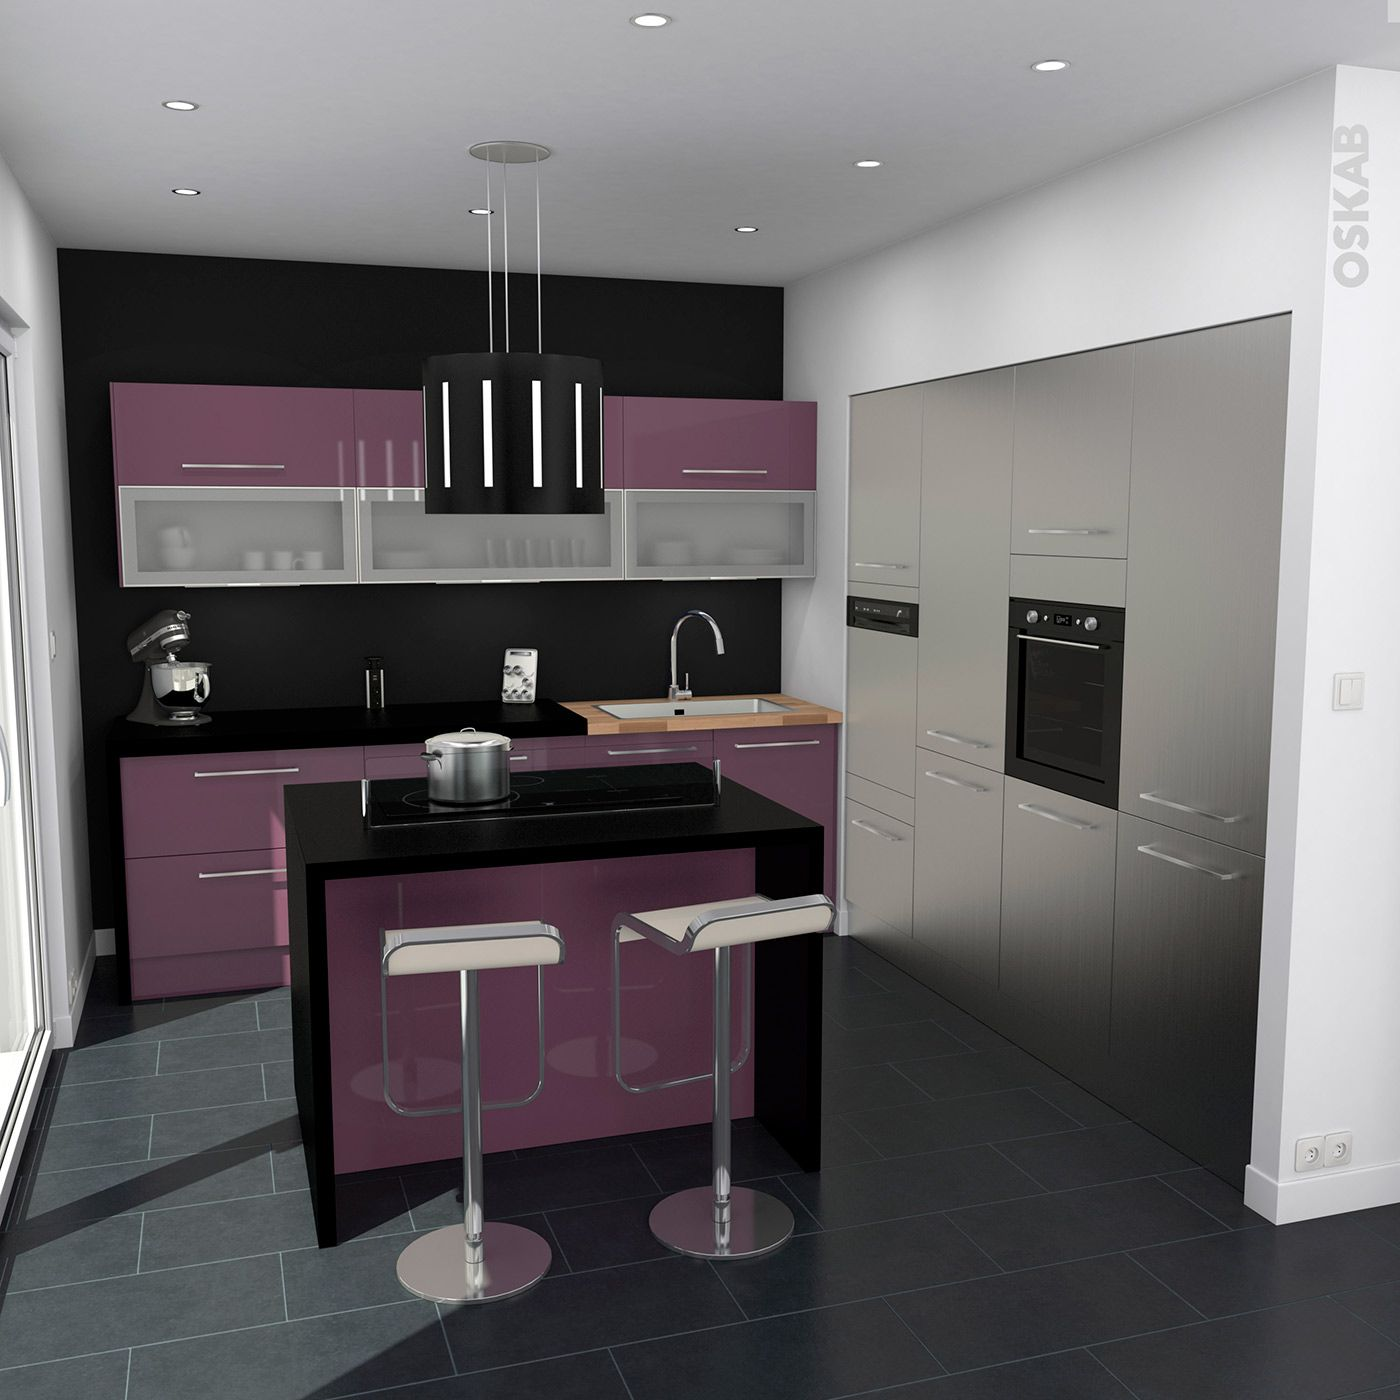 Plan De Travail Avec Jambage cuisine inox et aubergine contemporaine, ilot central snack